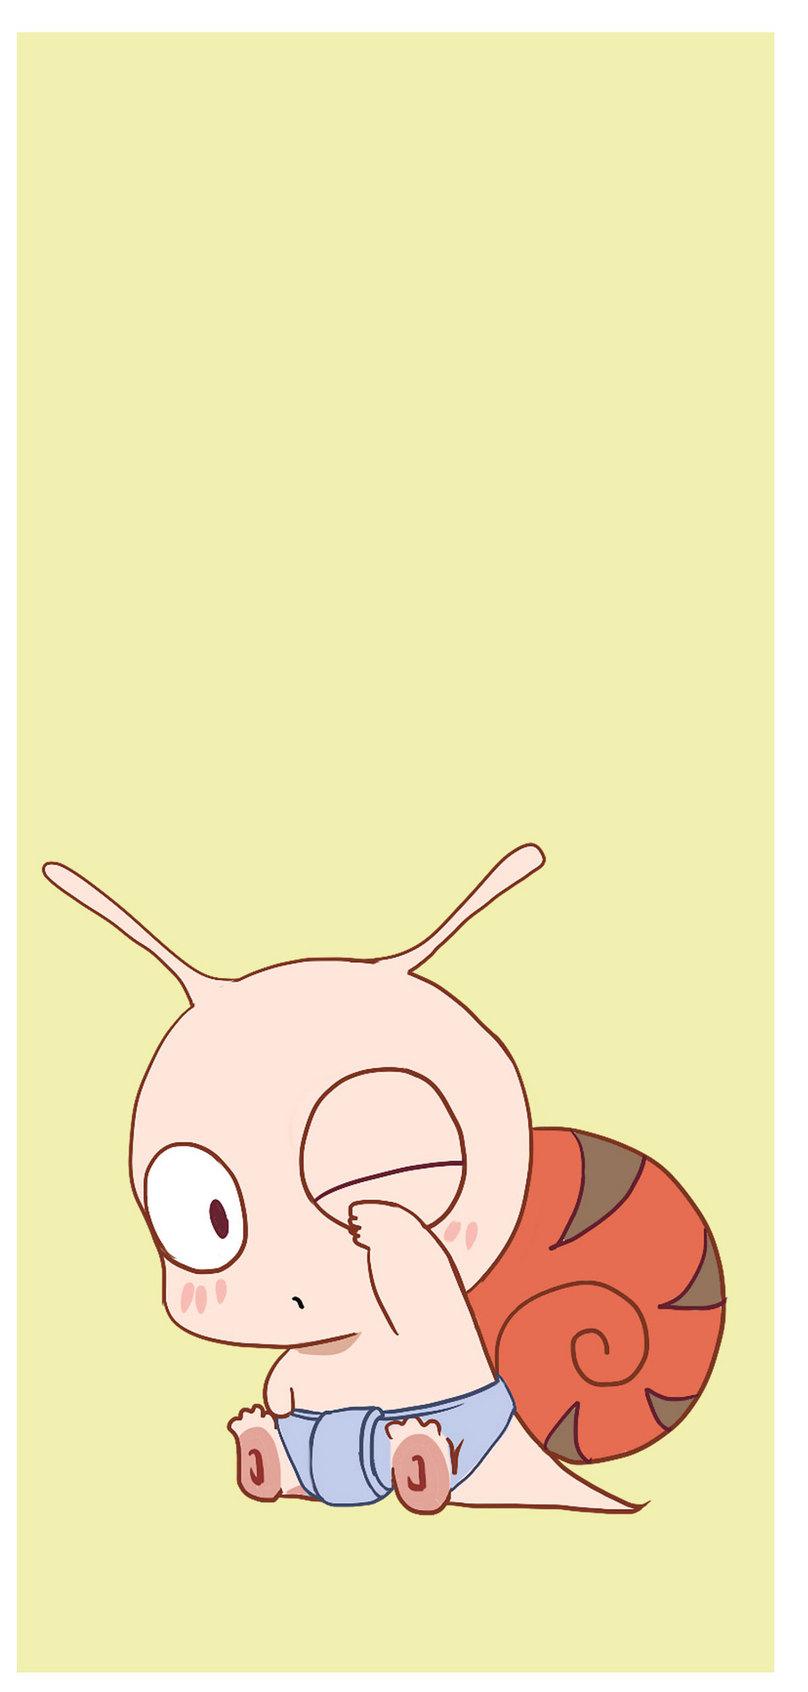 Unduh 8200 Wallpaper Bergerak Cartoon HD Terbaik